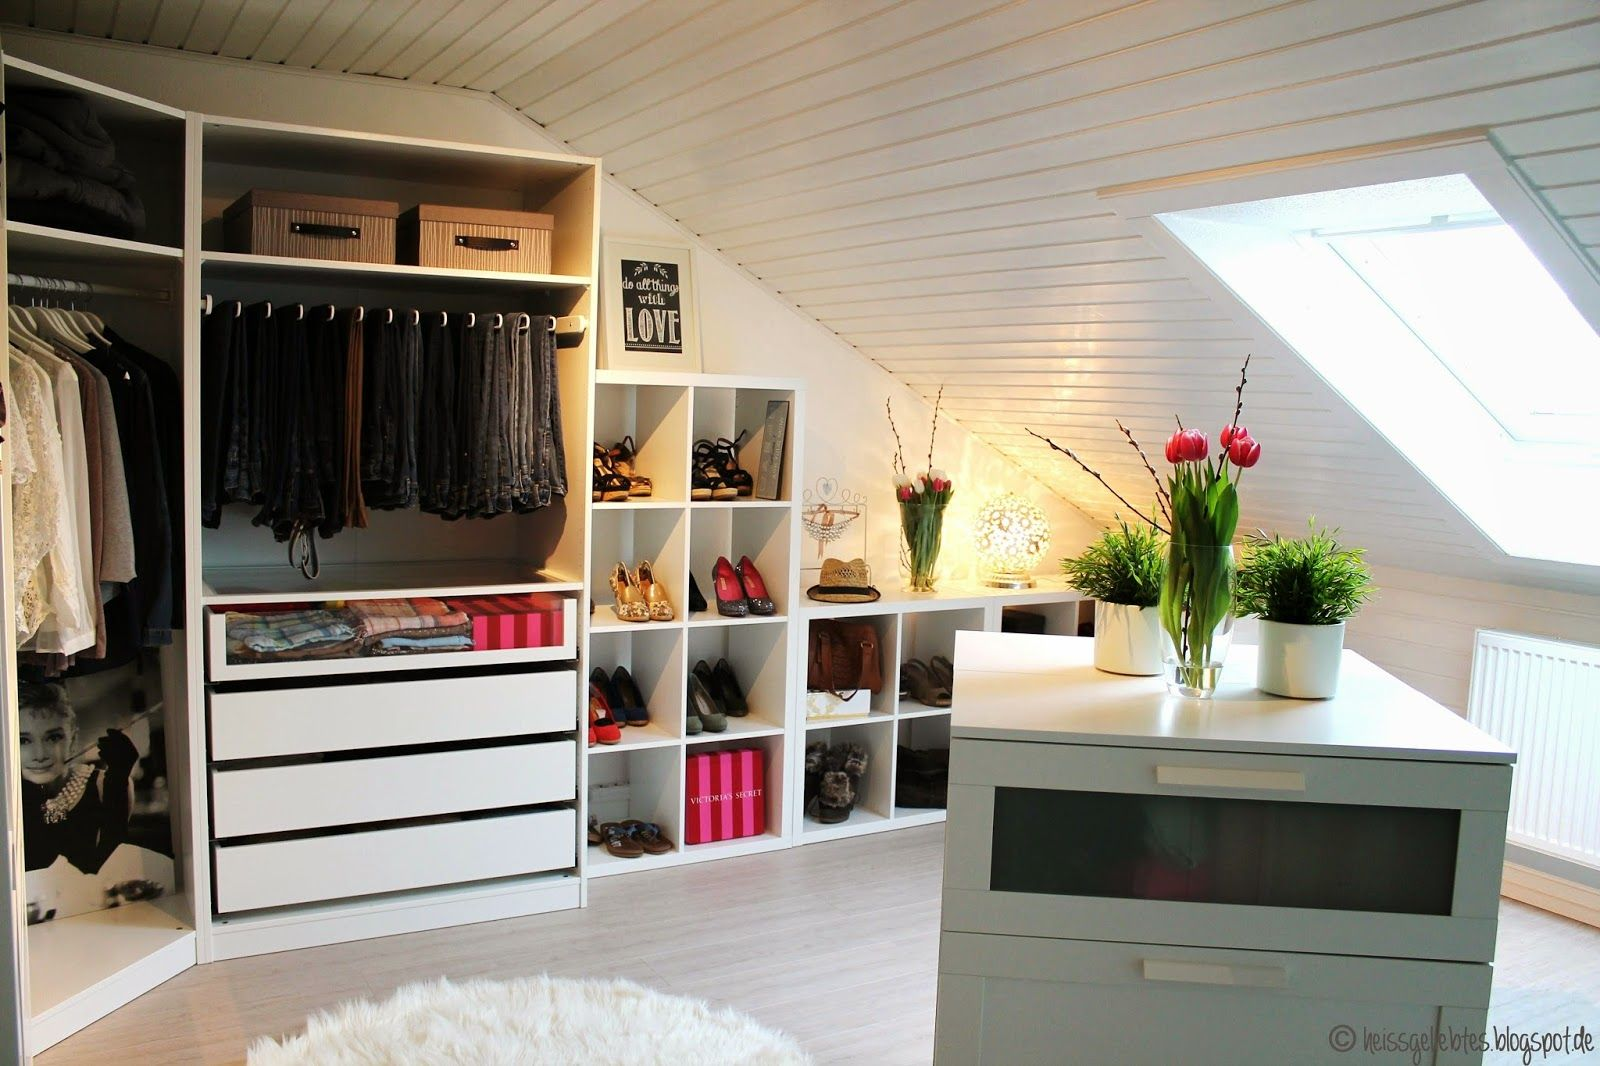 Ankleidezimmer dachschräge ideen  heissgeliebtes...: Ein Mädchentraum - Das Ankleidezimmer | Room ...